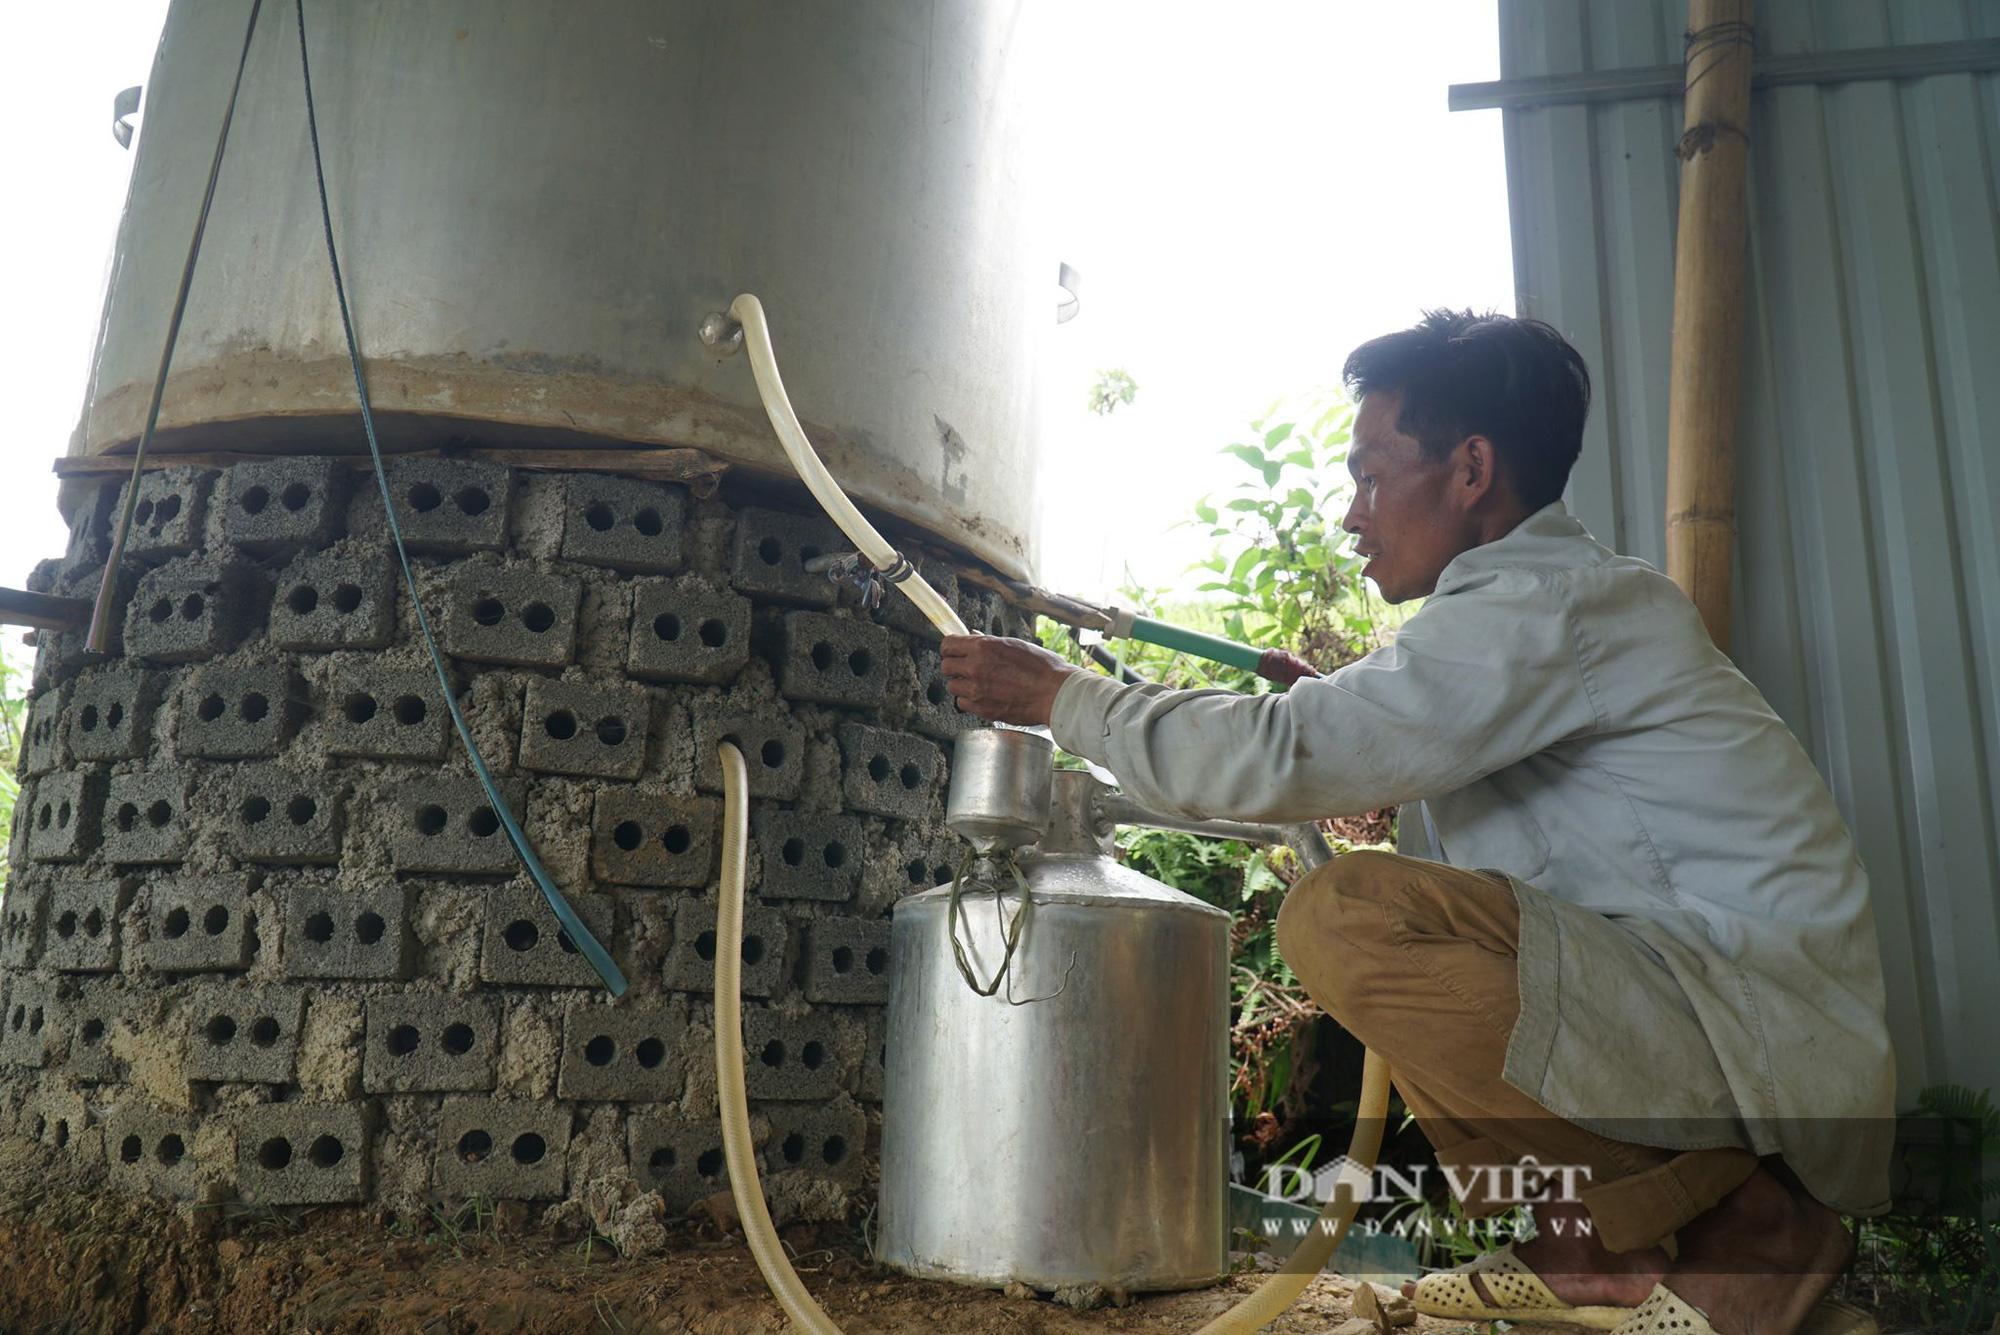 Dân ở đây trồng cây mọc từng khóm để lấy tinh dầu, trồng đến đâu có người lo đến đó - Ảnh 4.